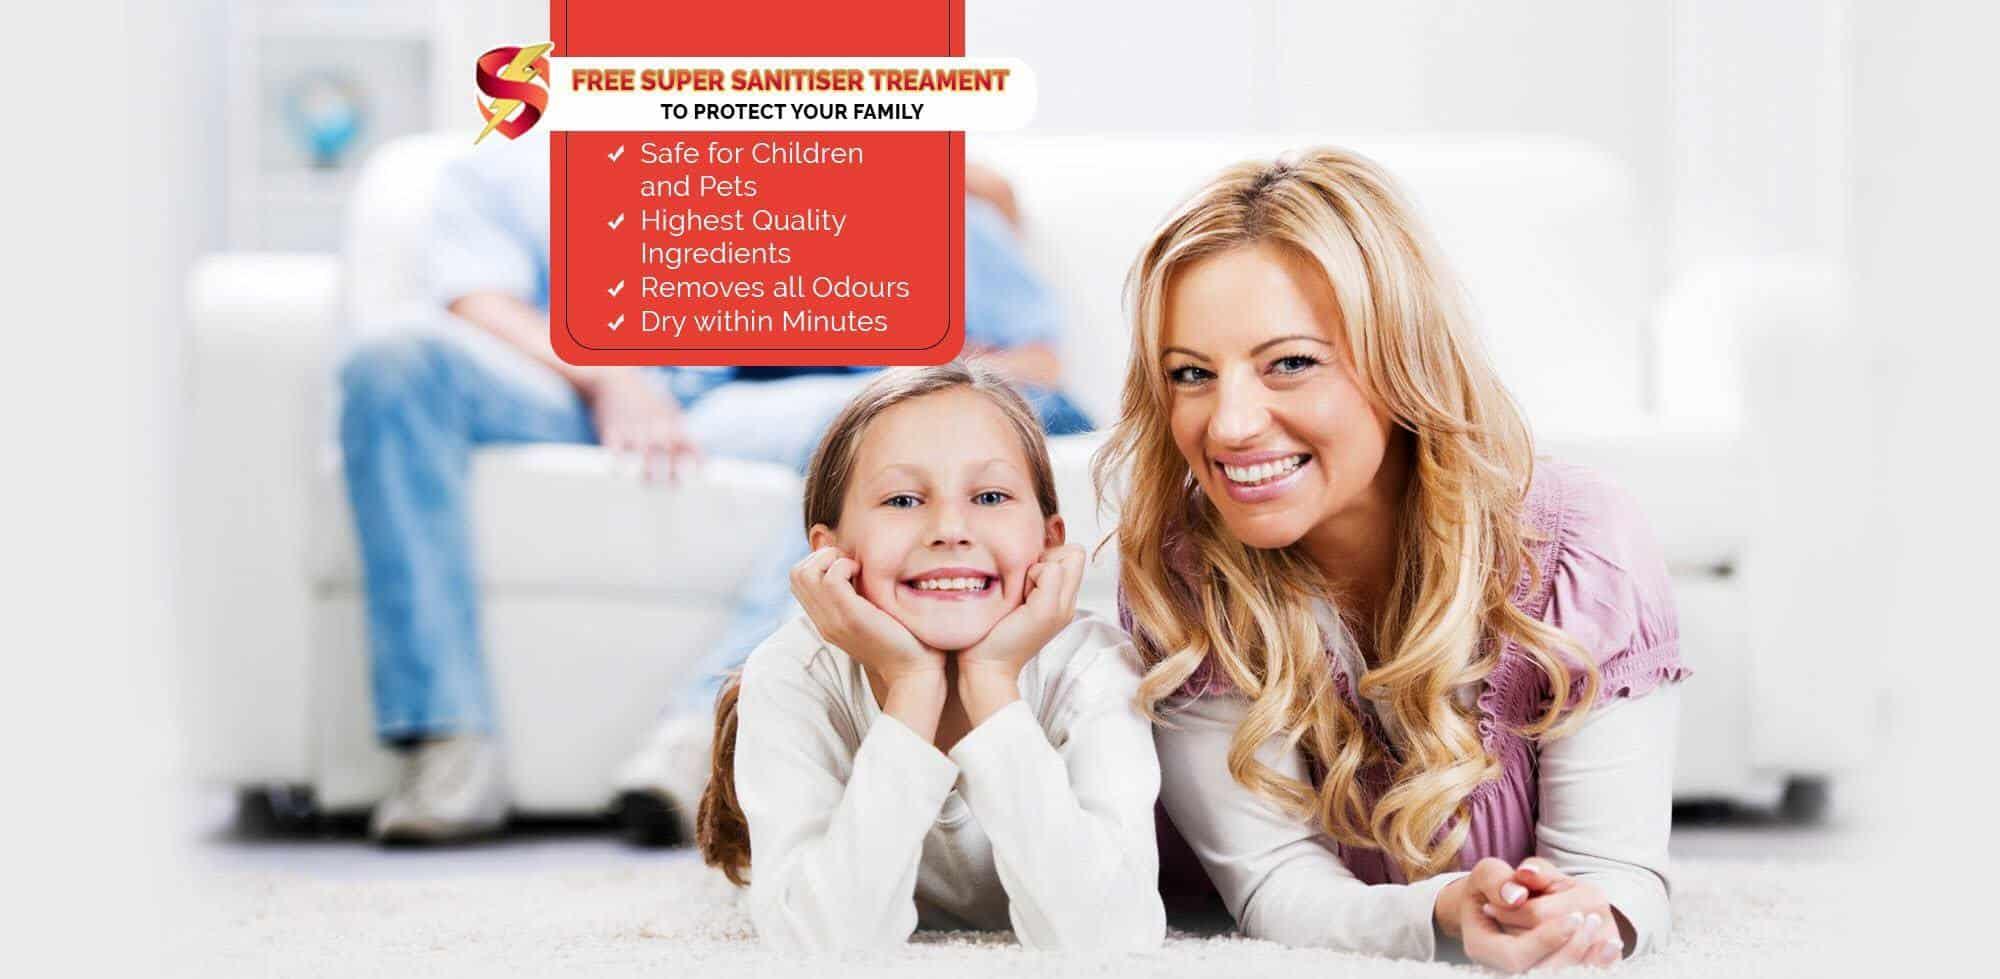 free super sanitiser treatment